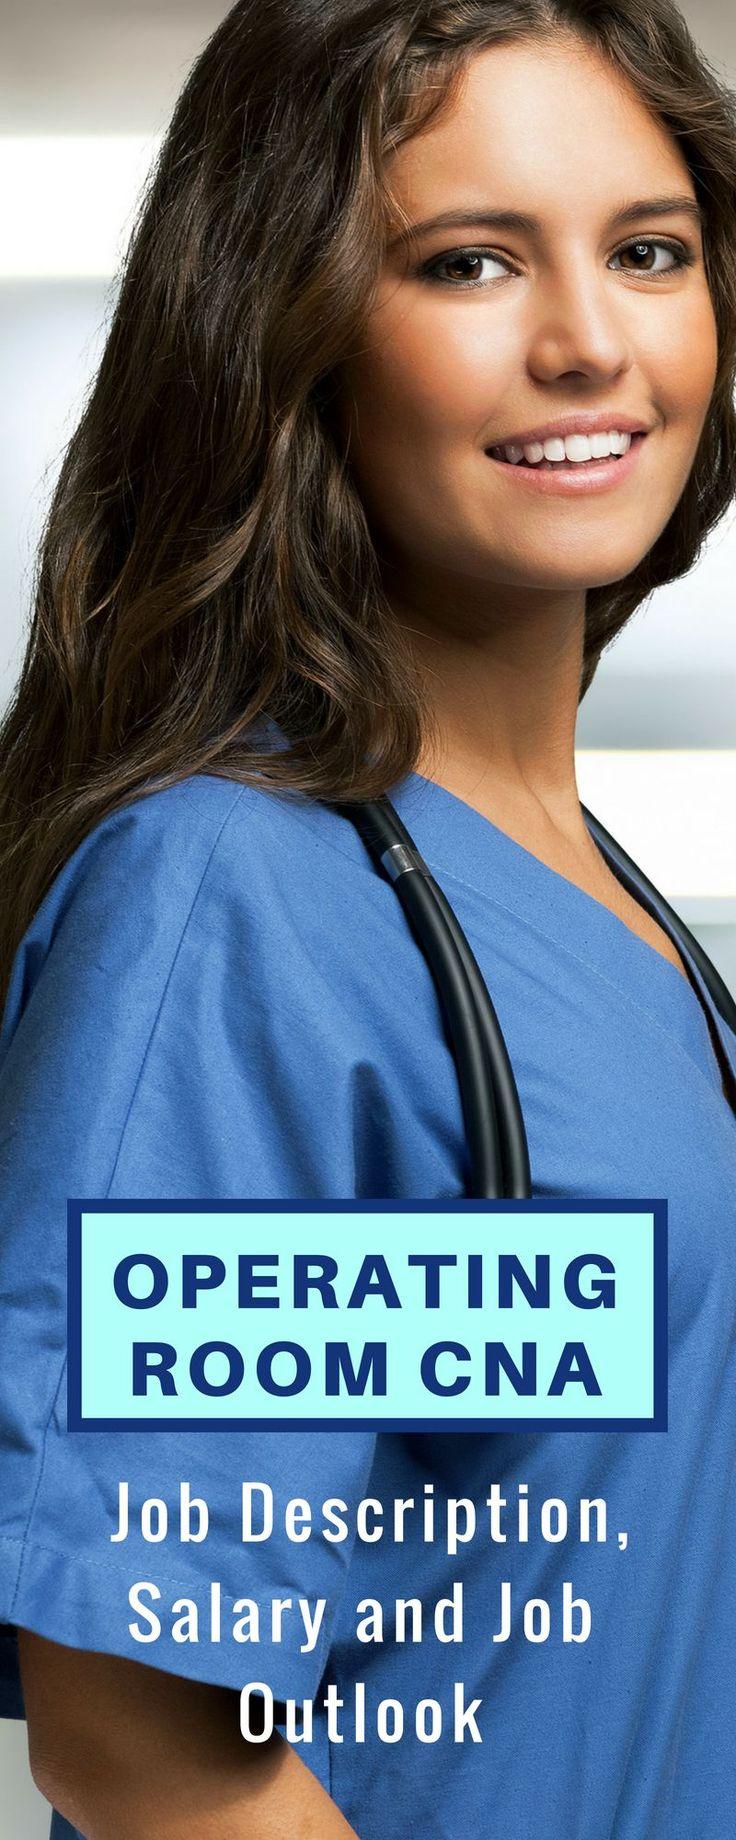 Operating Room CNA u2013 Job Description Salary